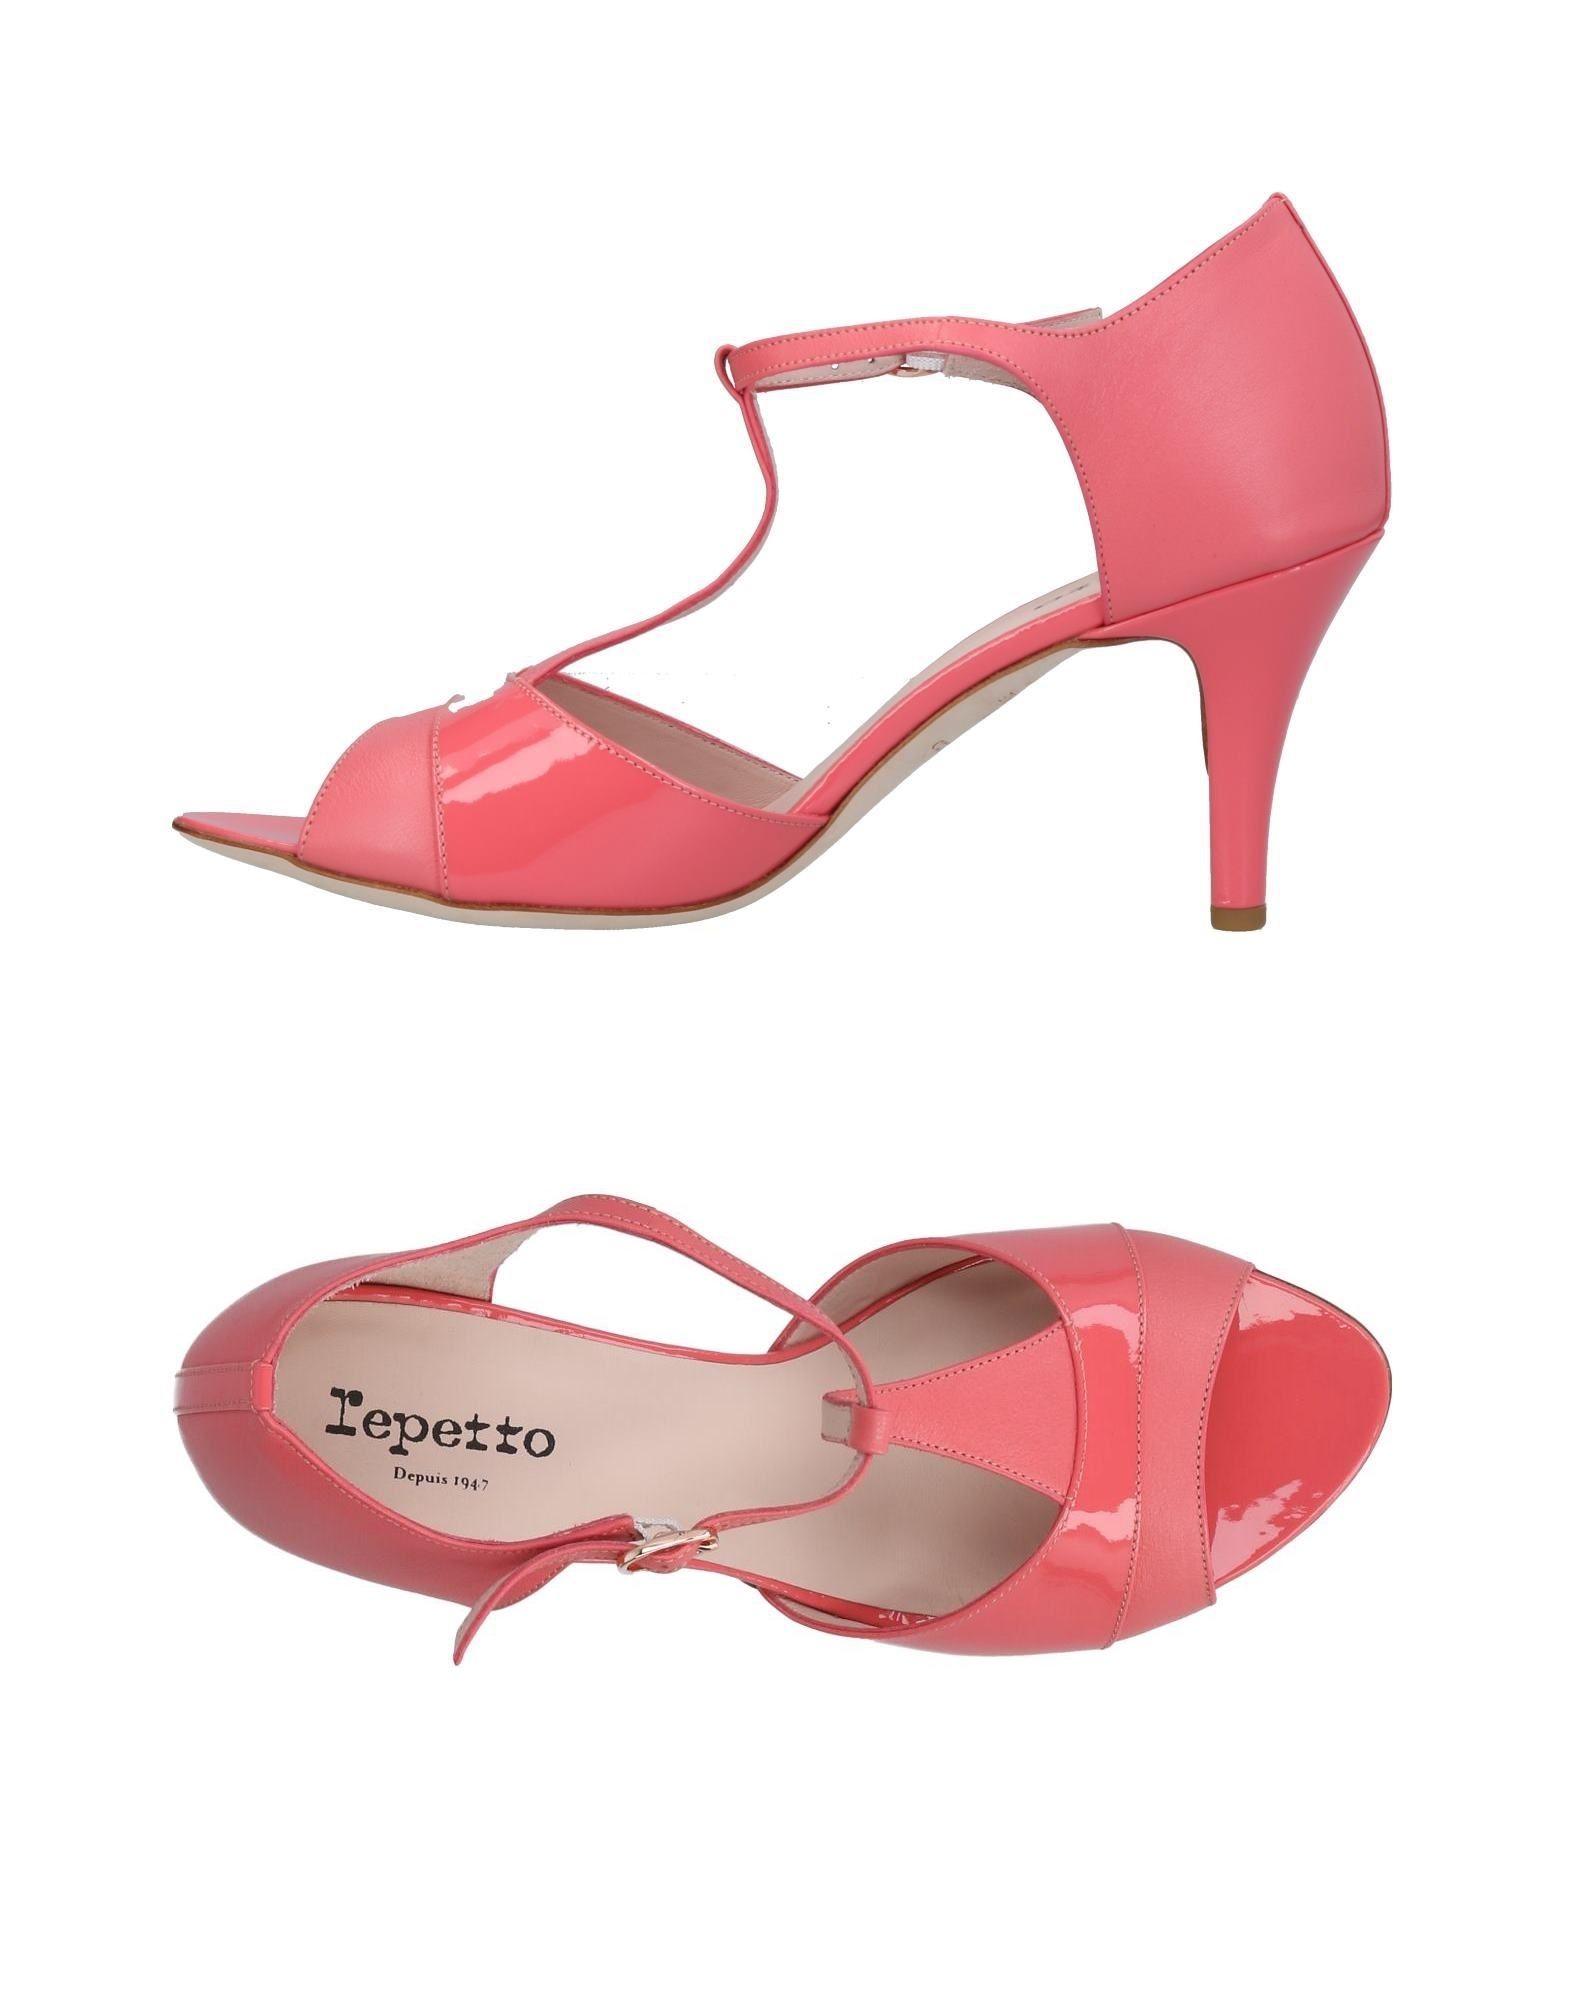 Sandales Repetto Femme - Sandales Repetto sur